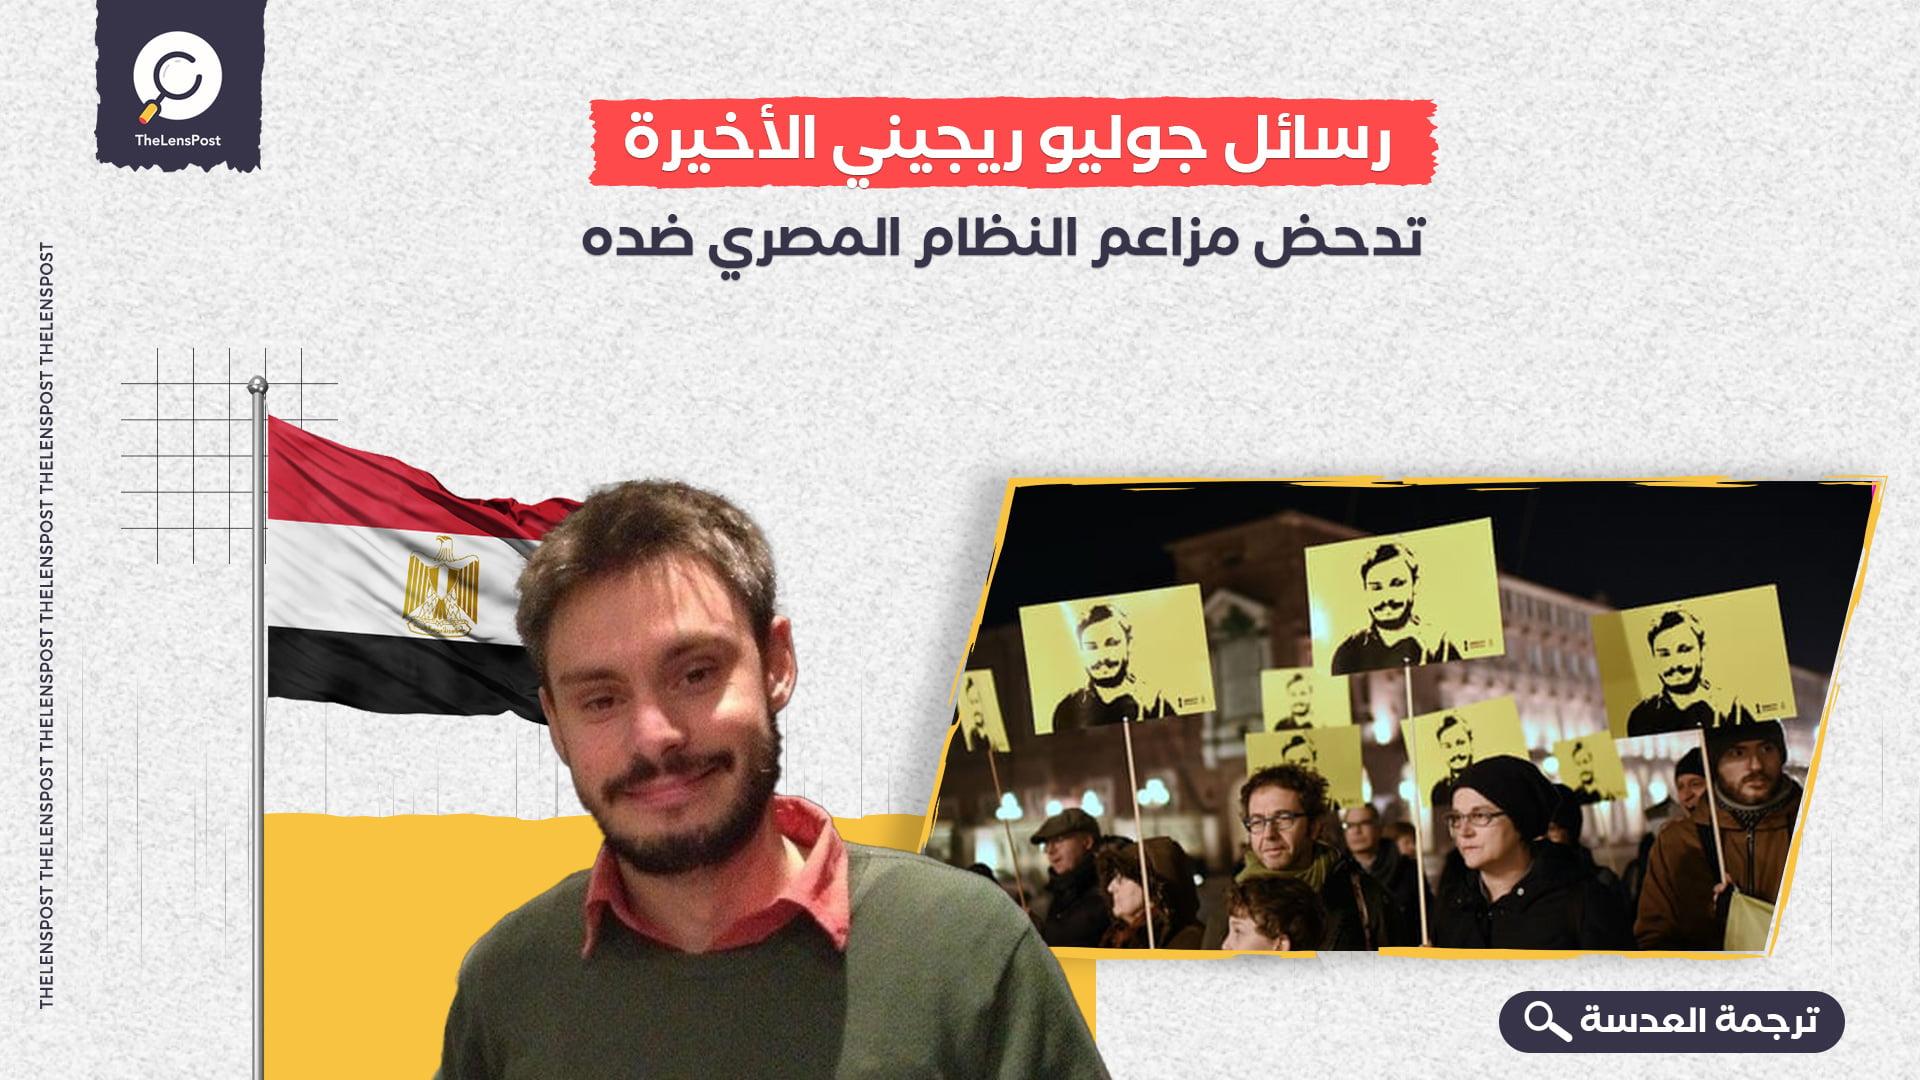 رسائل جوليو ريجيني الأخيرة تدحض مزاعم النظام المصري ضده